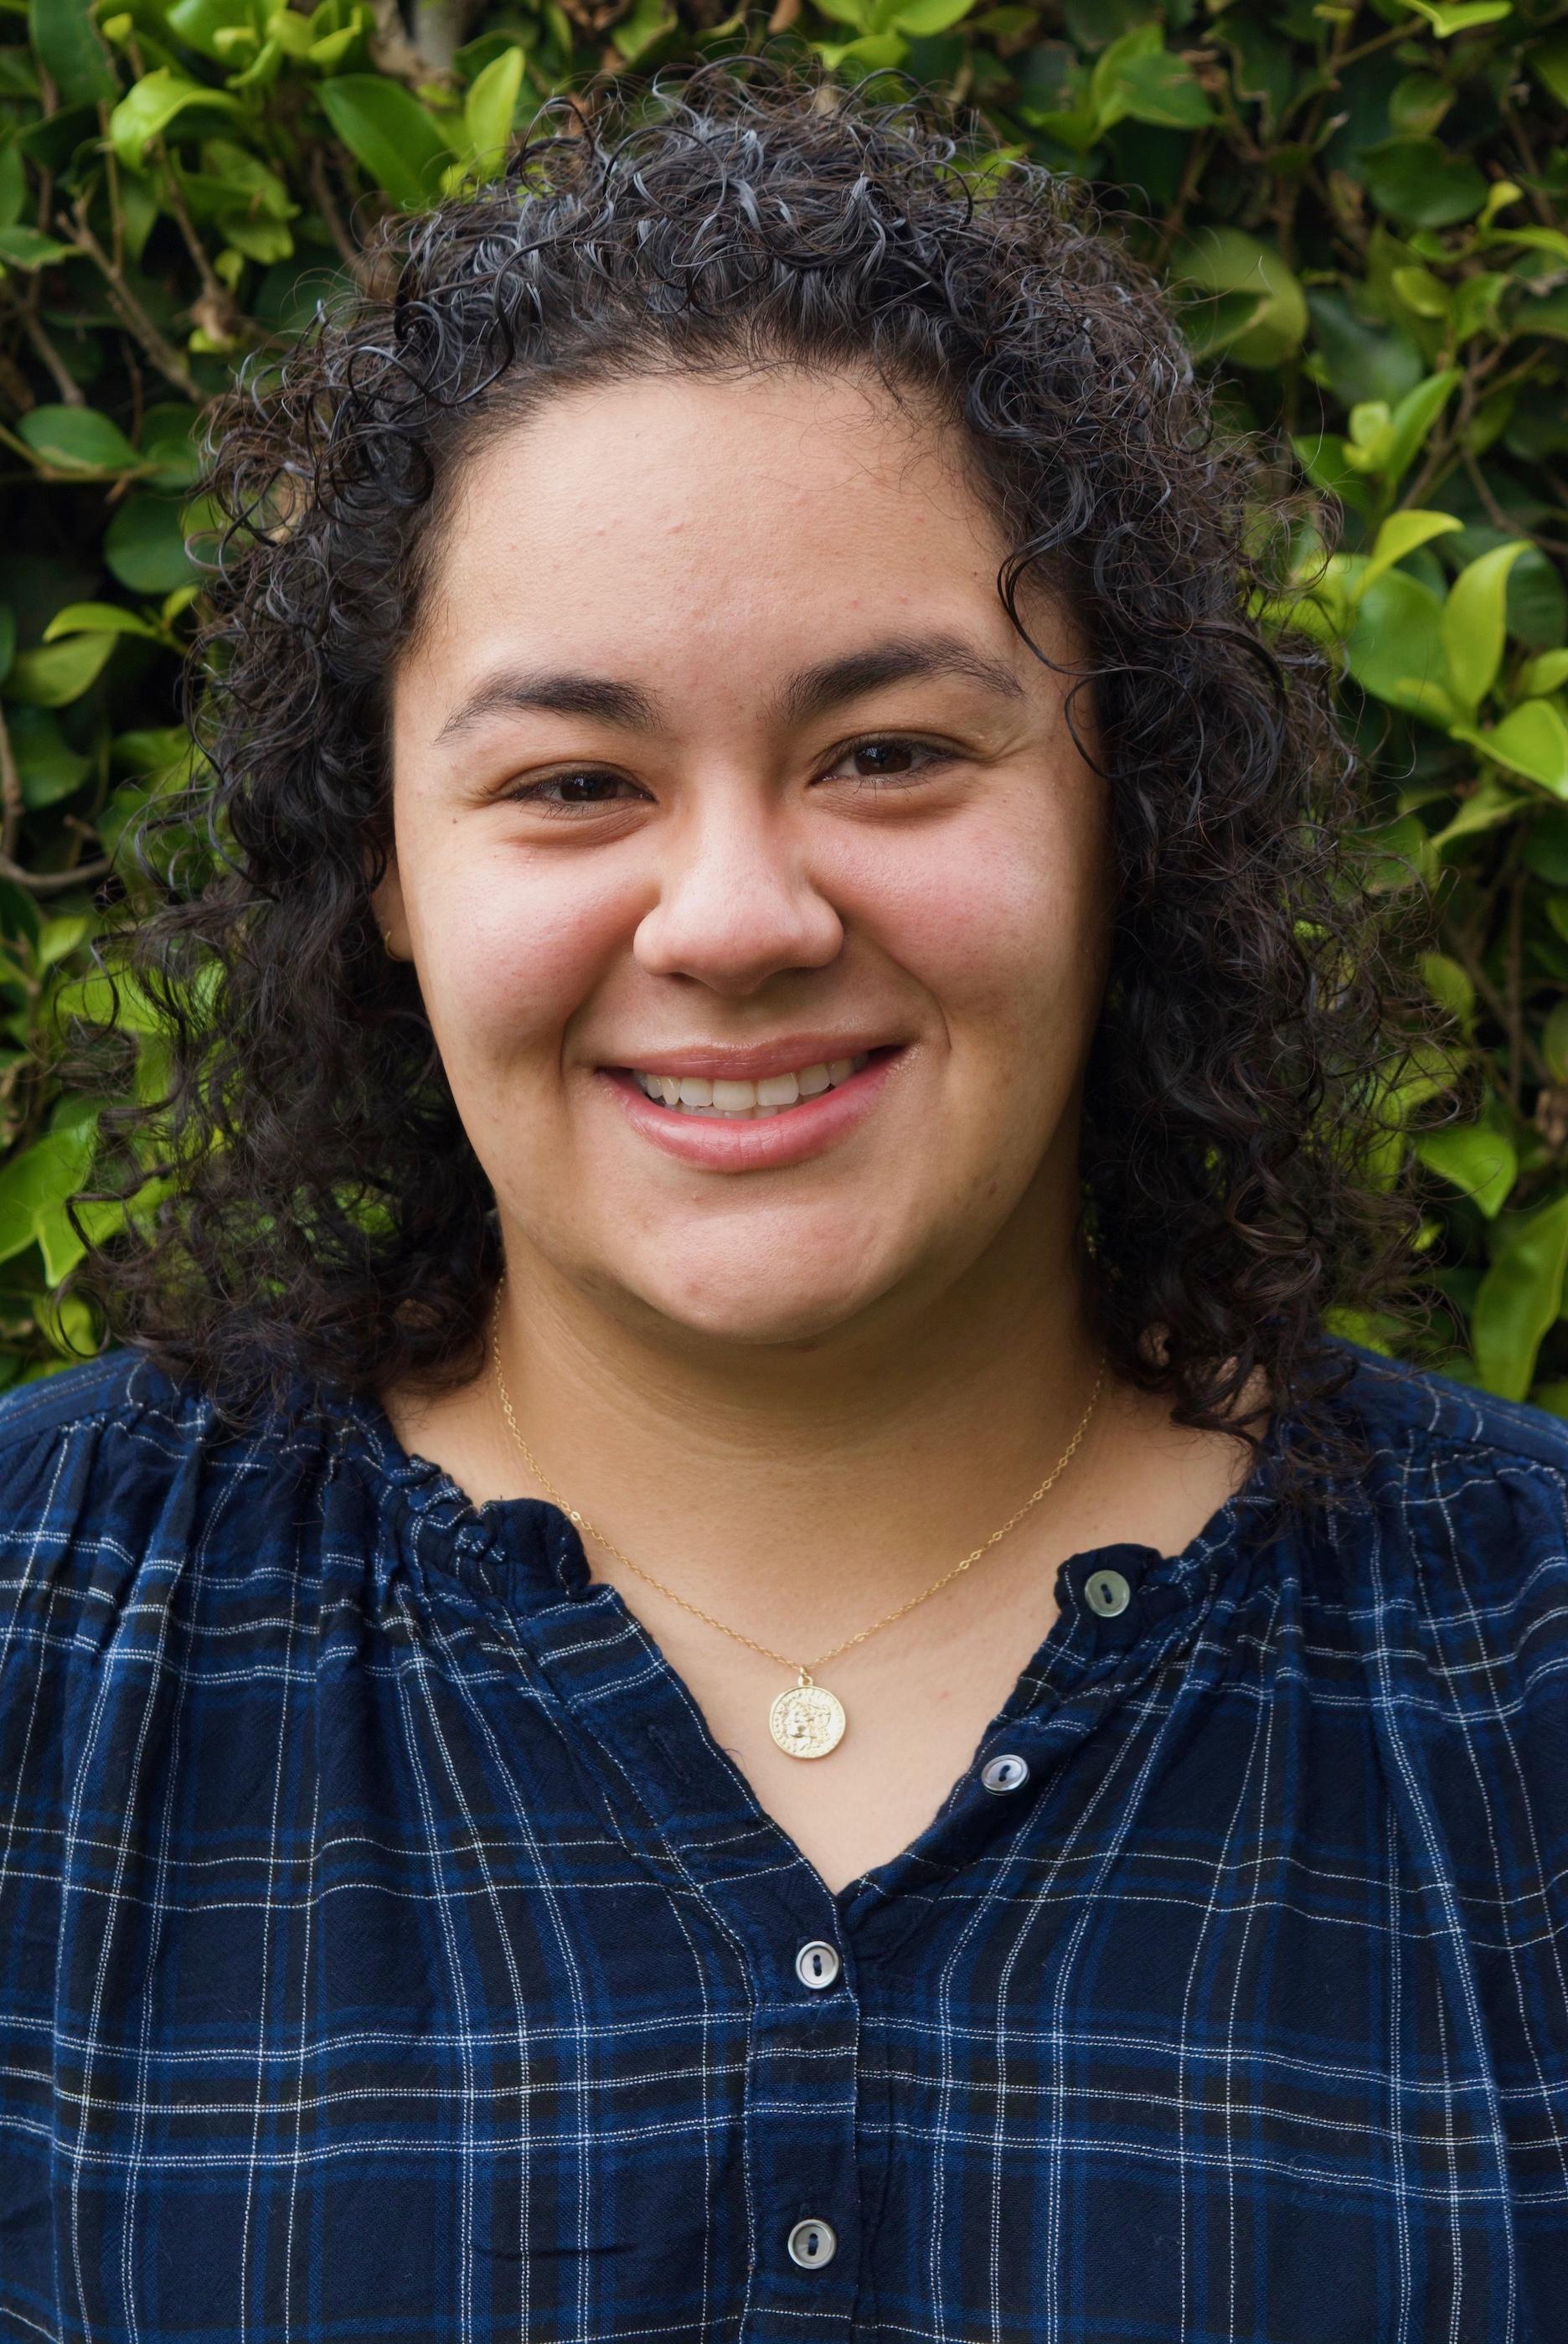 Lesley Ramirez